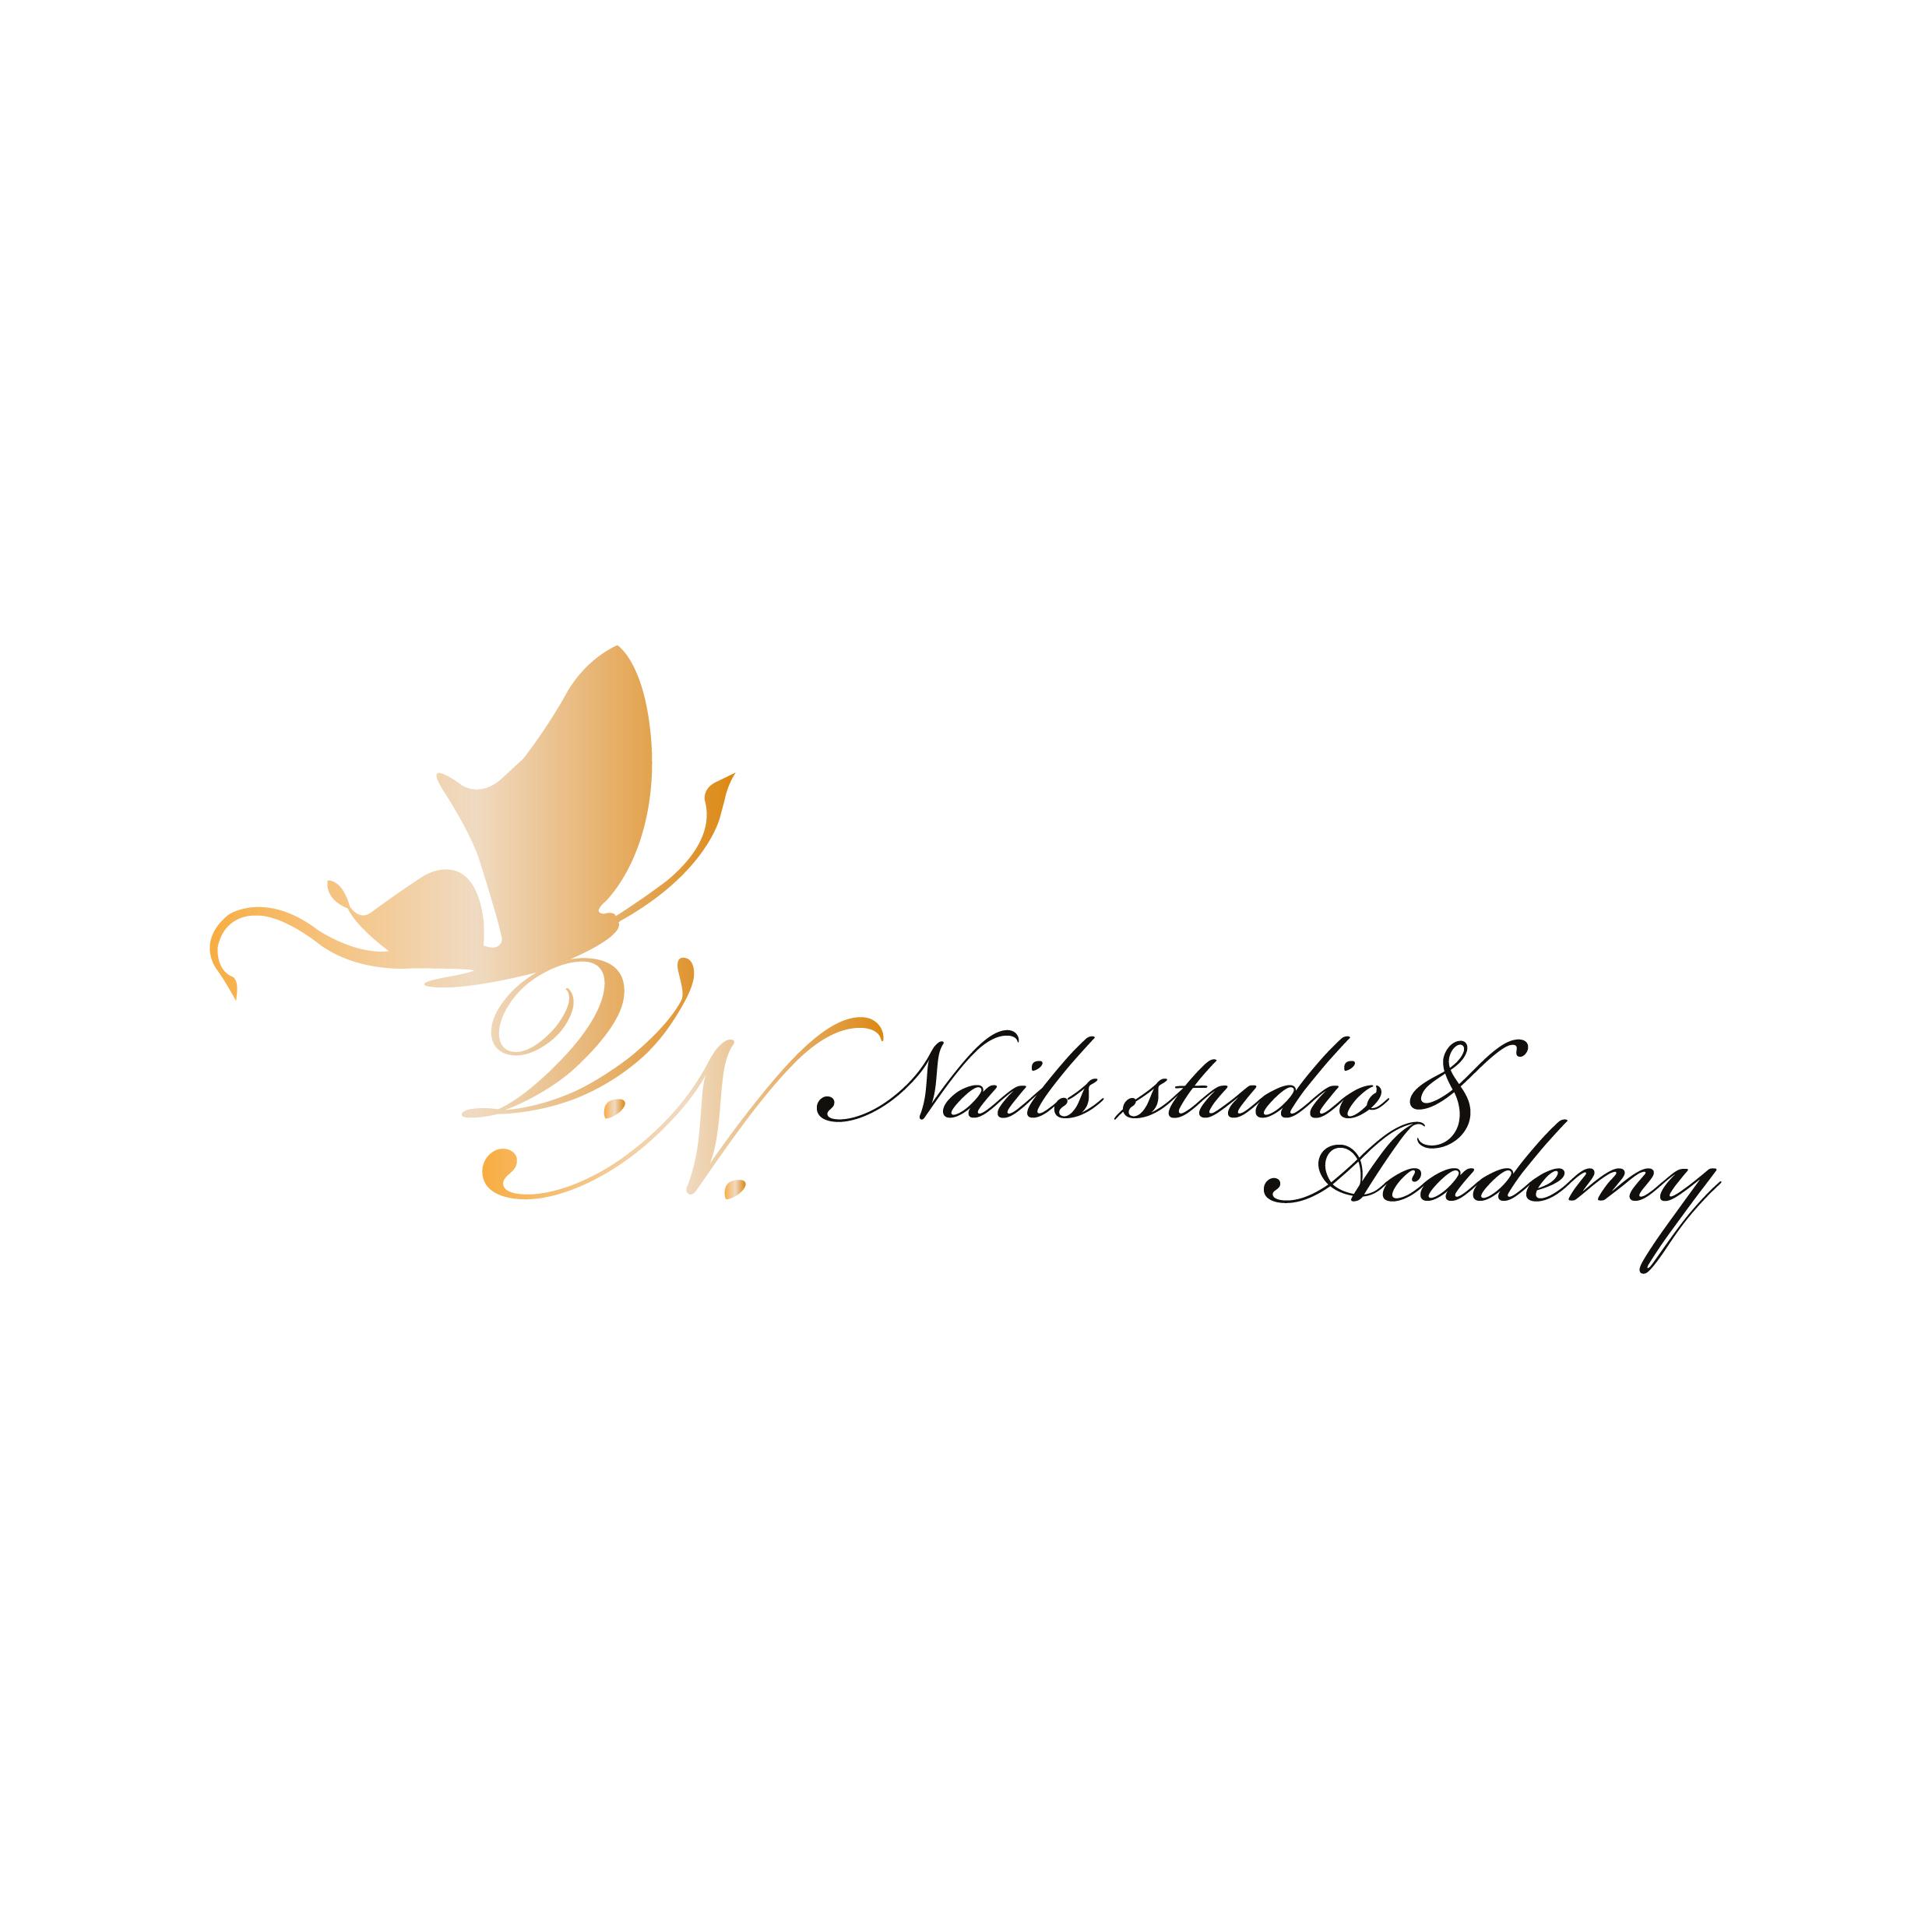 VN NAILS Studio&Academy - Kézápolás, Lábápolás